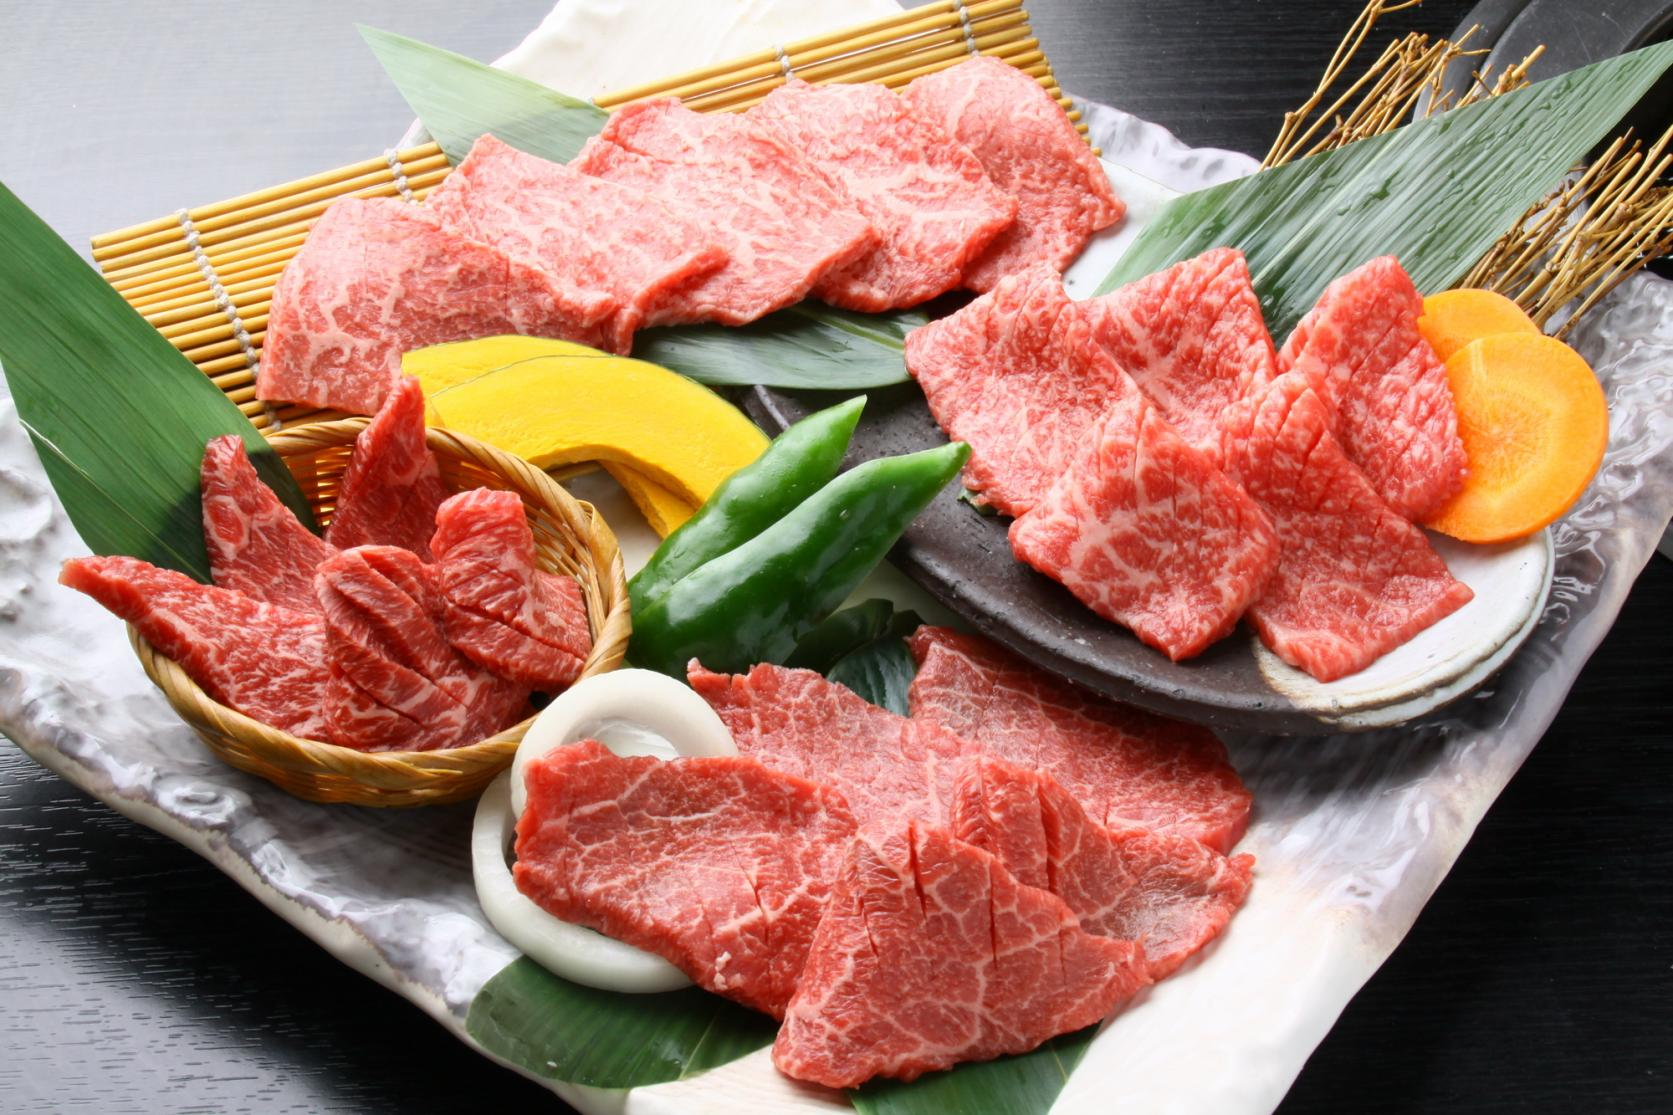 宫崎市的美食-1